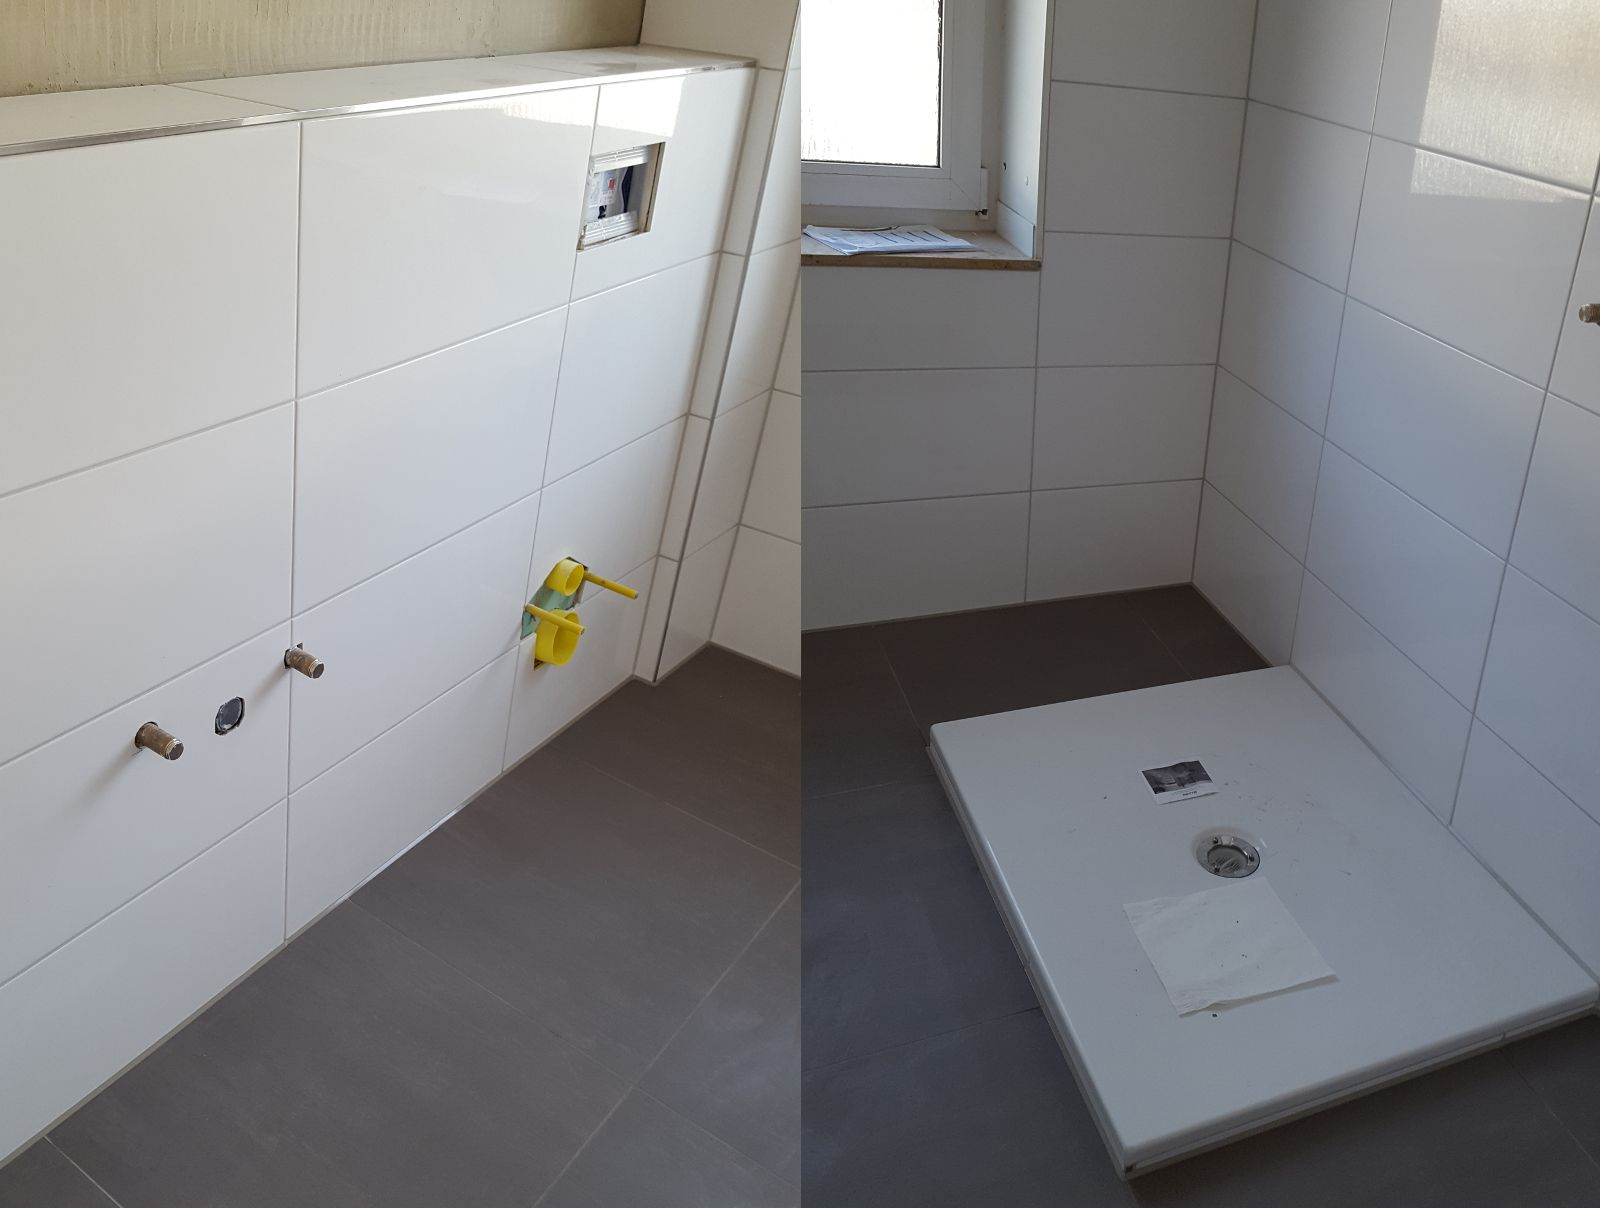 Renovierung Meines Bathroom / Badezimmer. Dunkle Bodenfliesen Und Helle  Wandfliesen